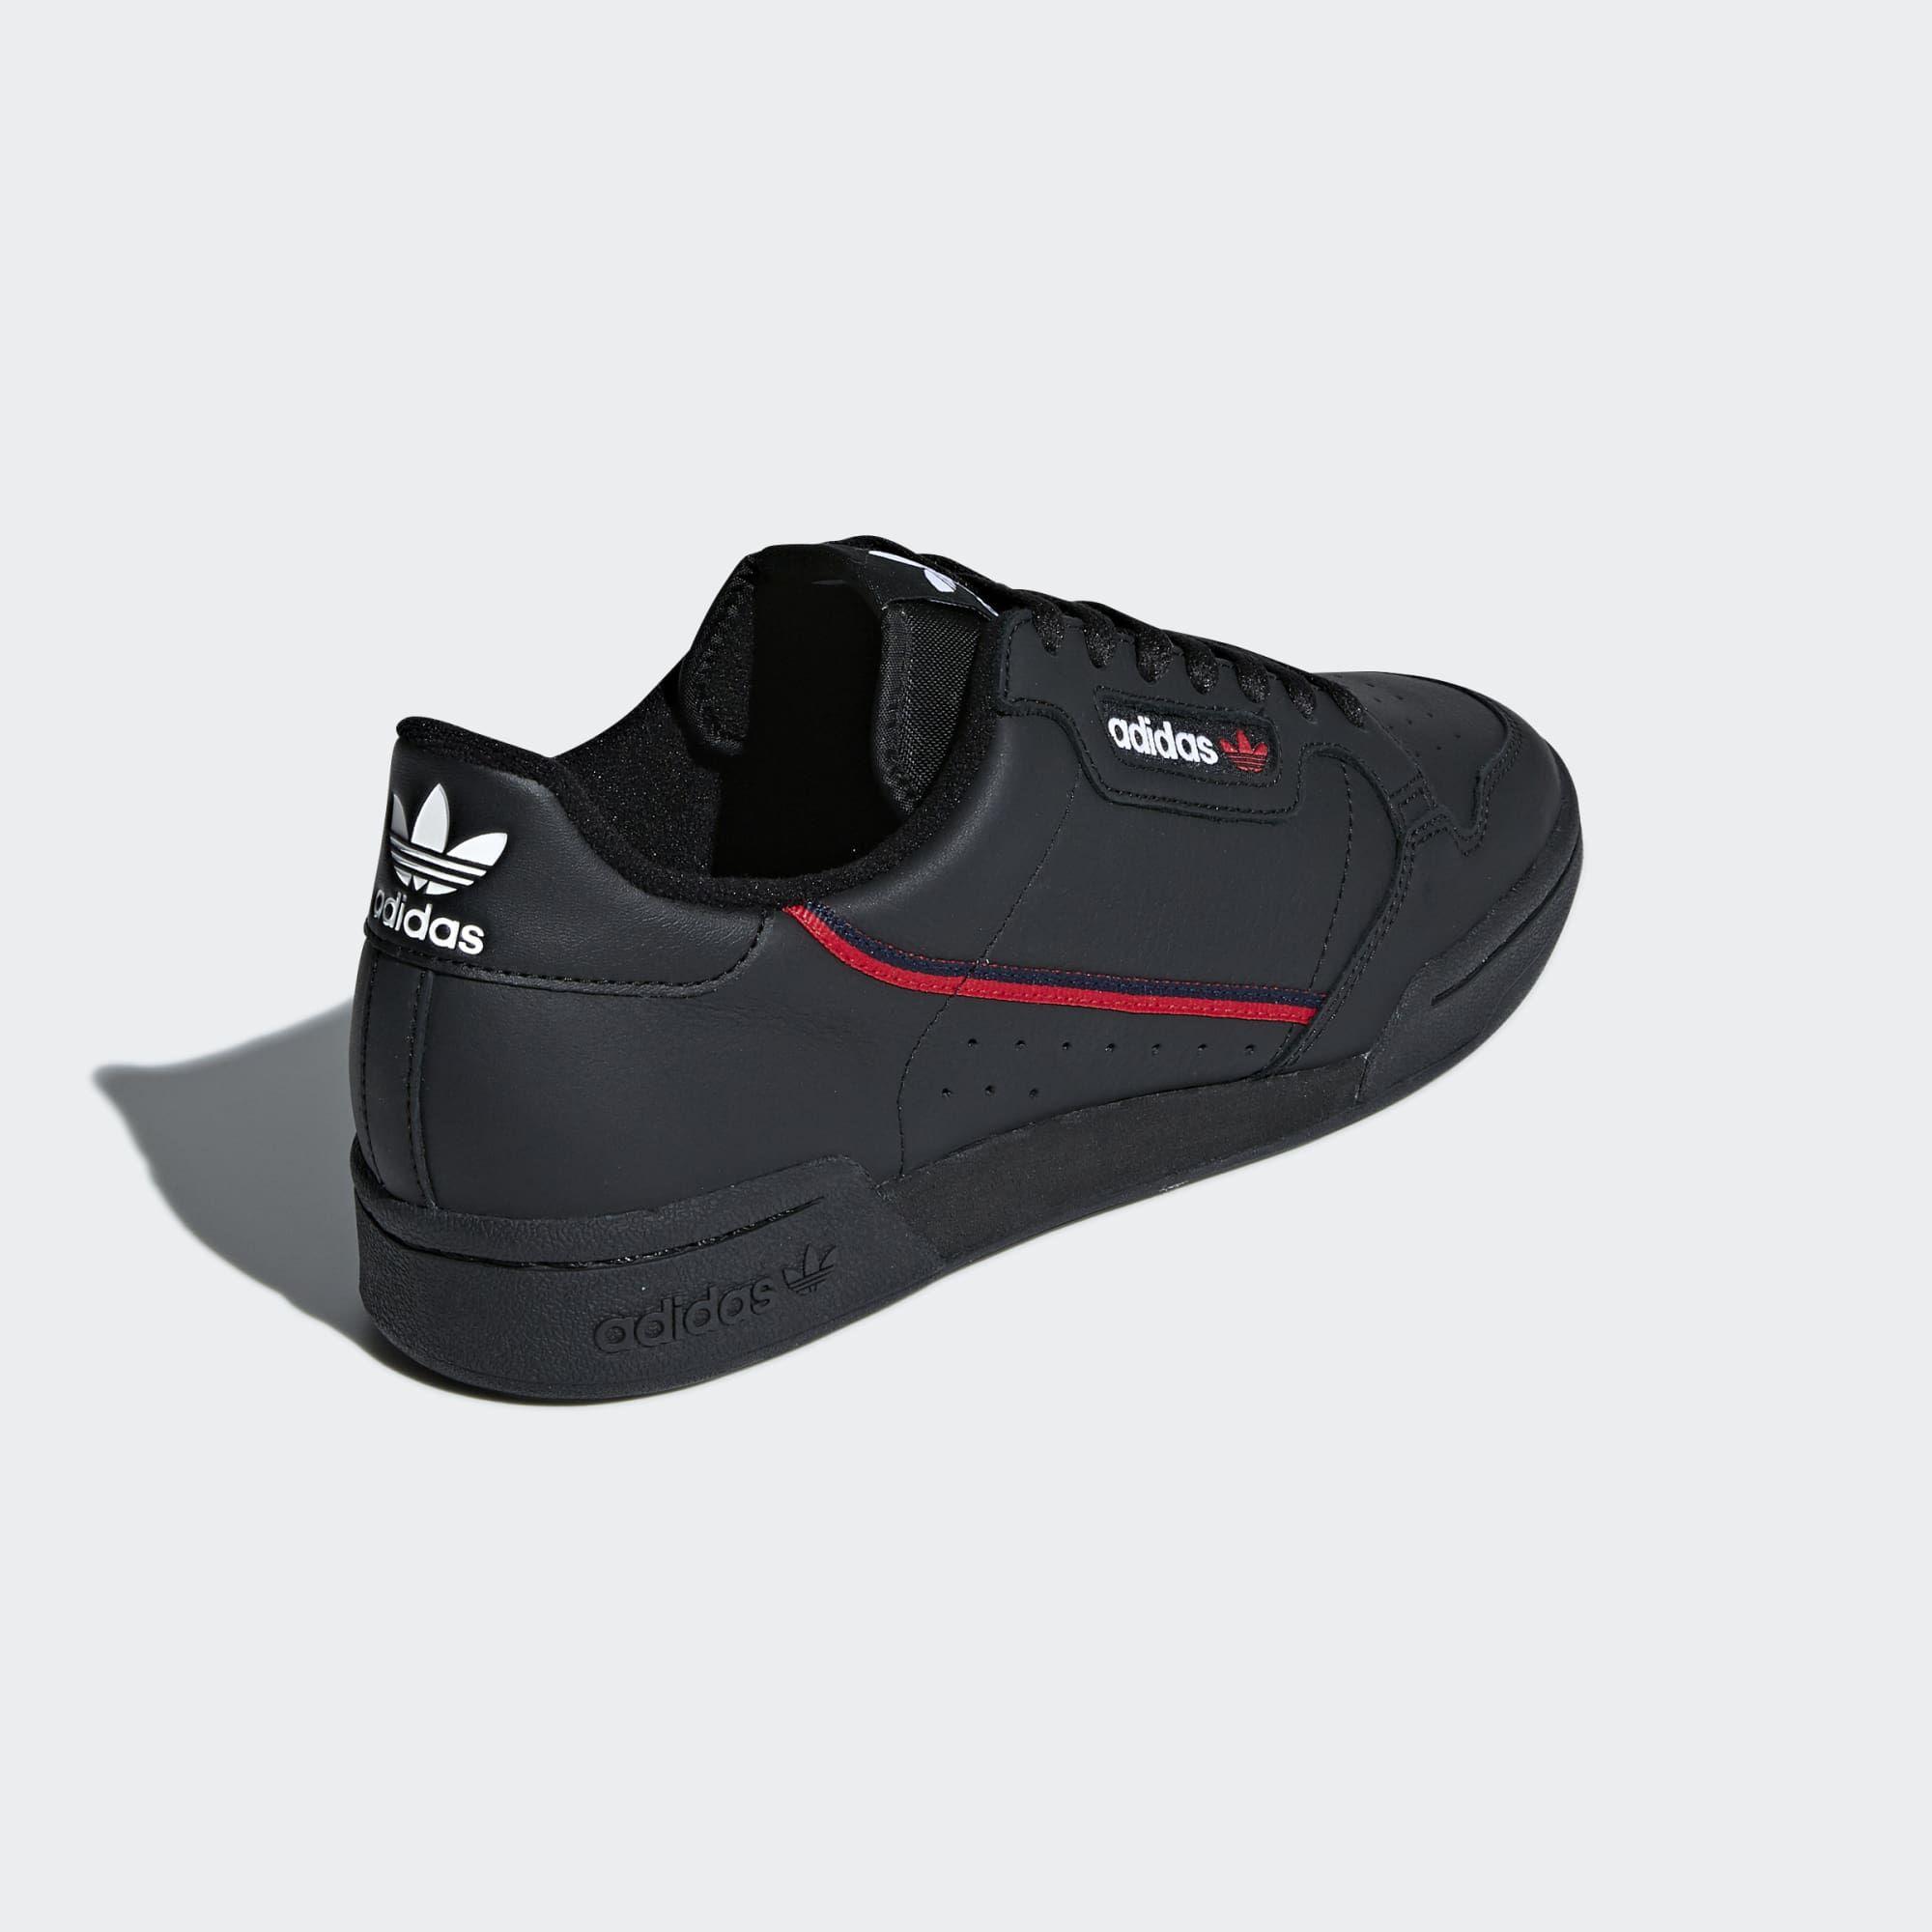 Continental 80 Shoes | Zapatos hombre deportivos, Zapatos ...